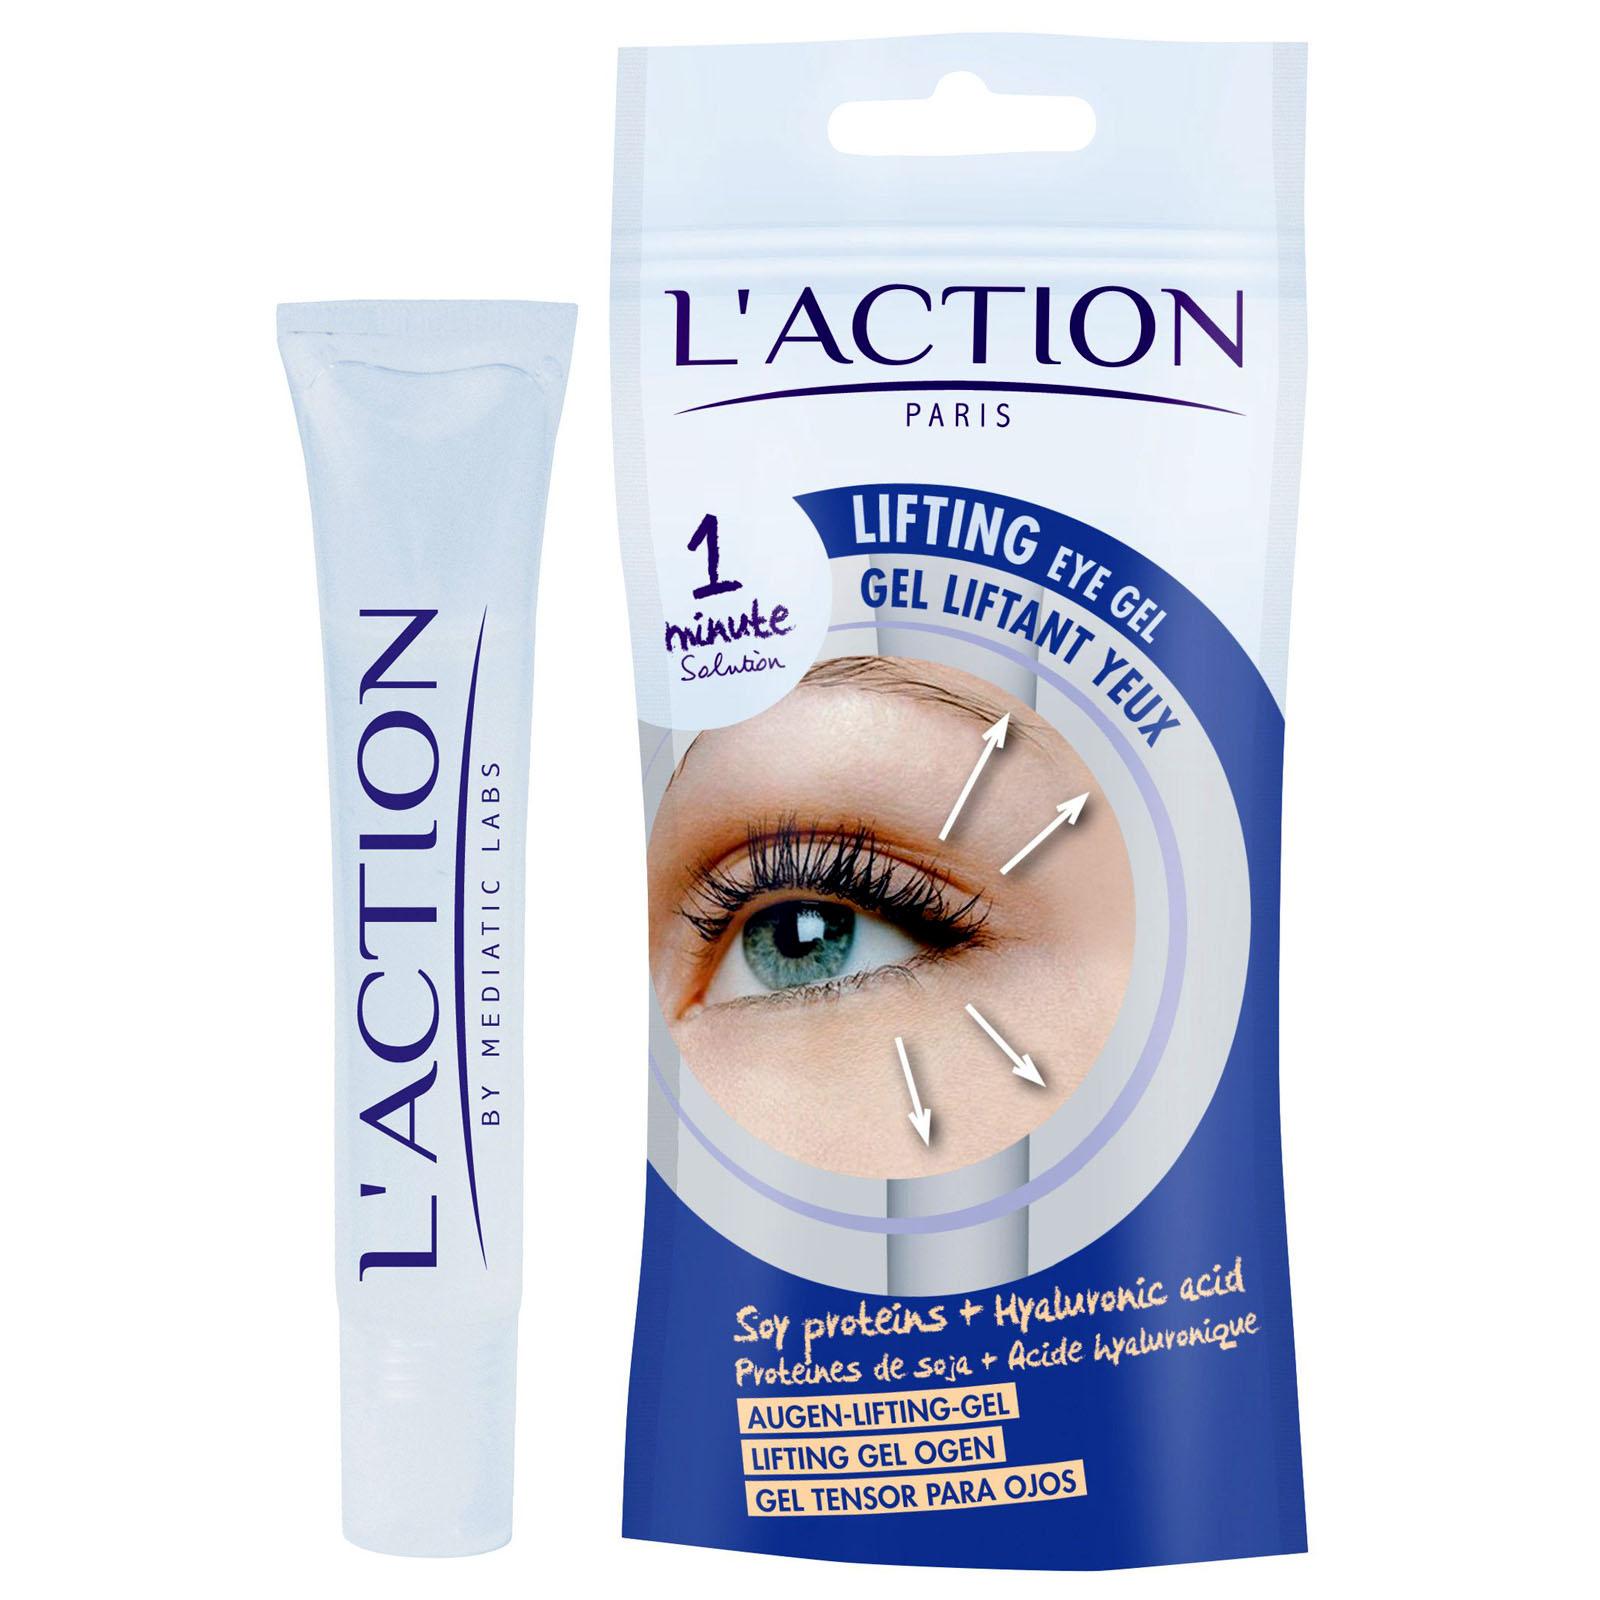 L'ACTION Paris Lifting Eye Gel 10ml